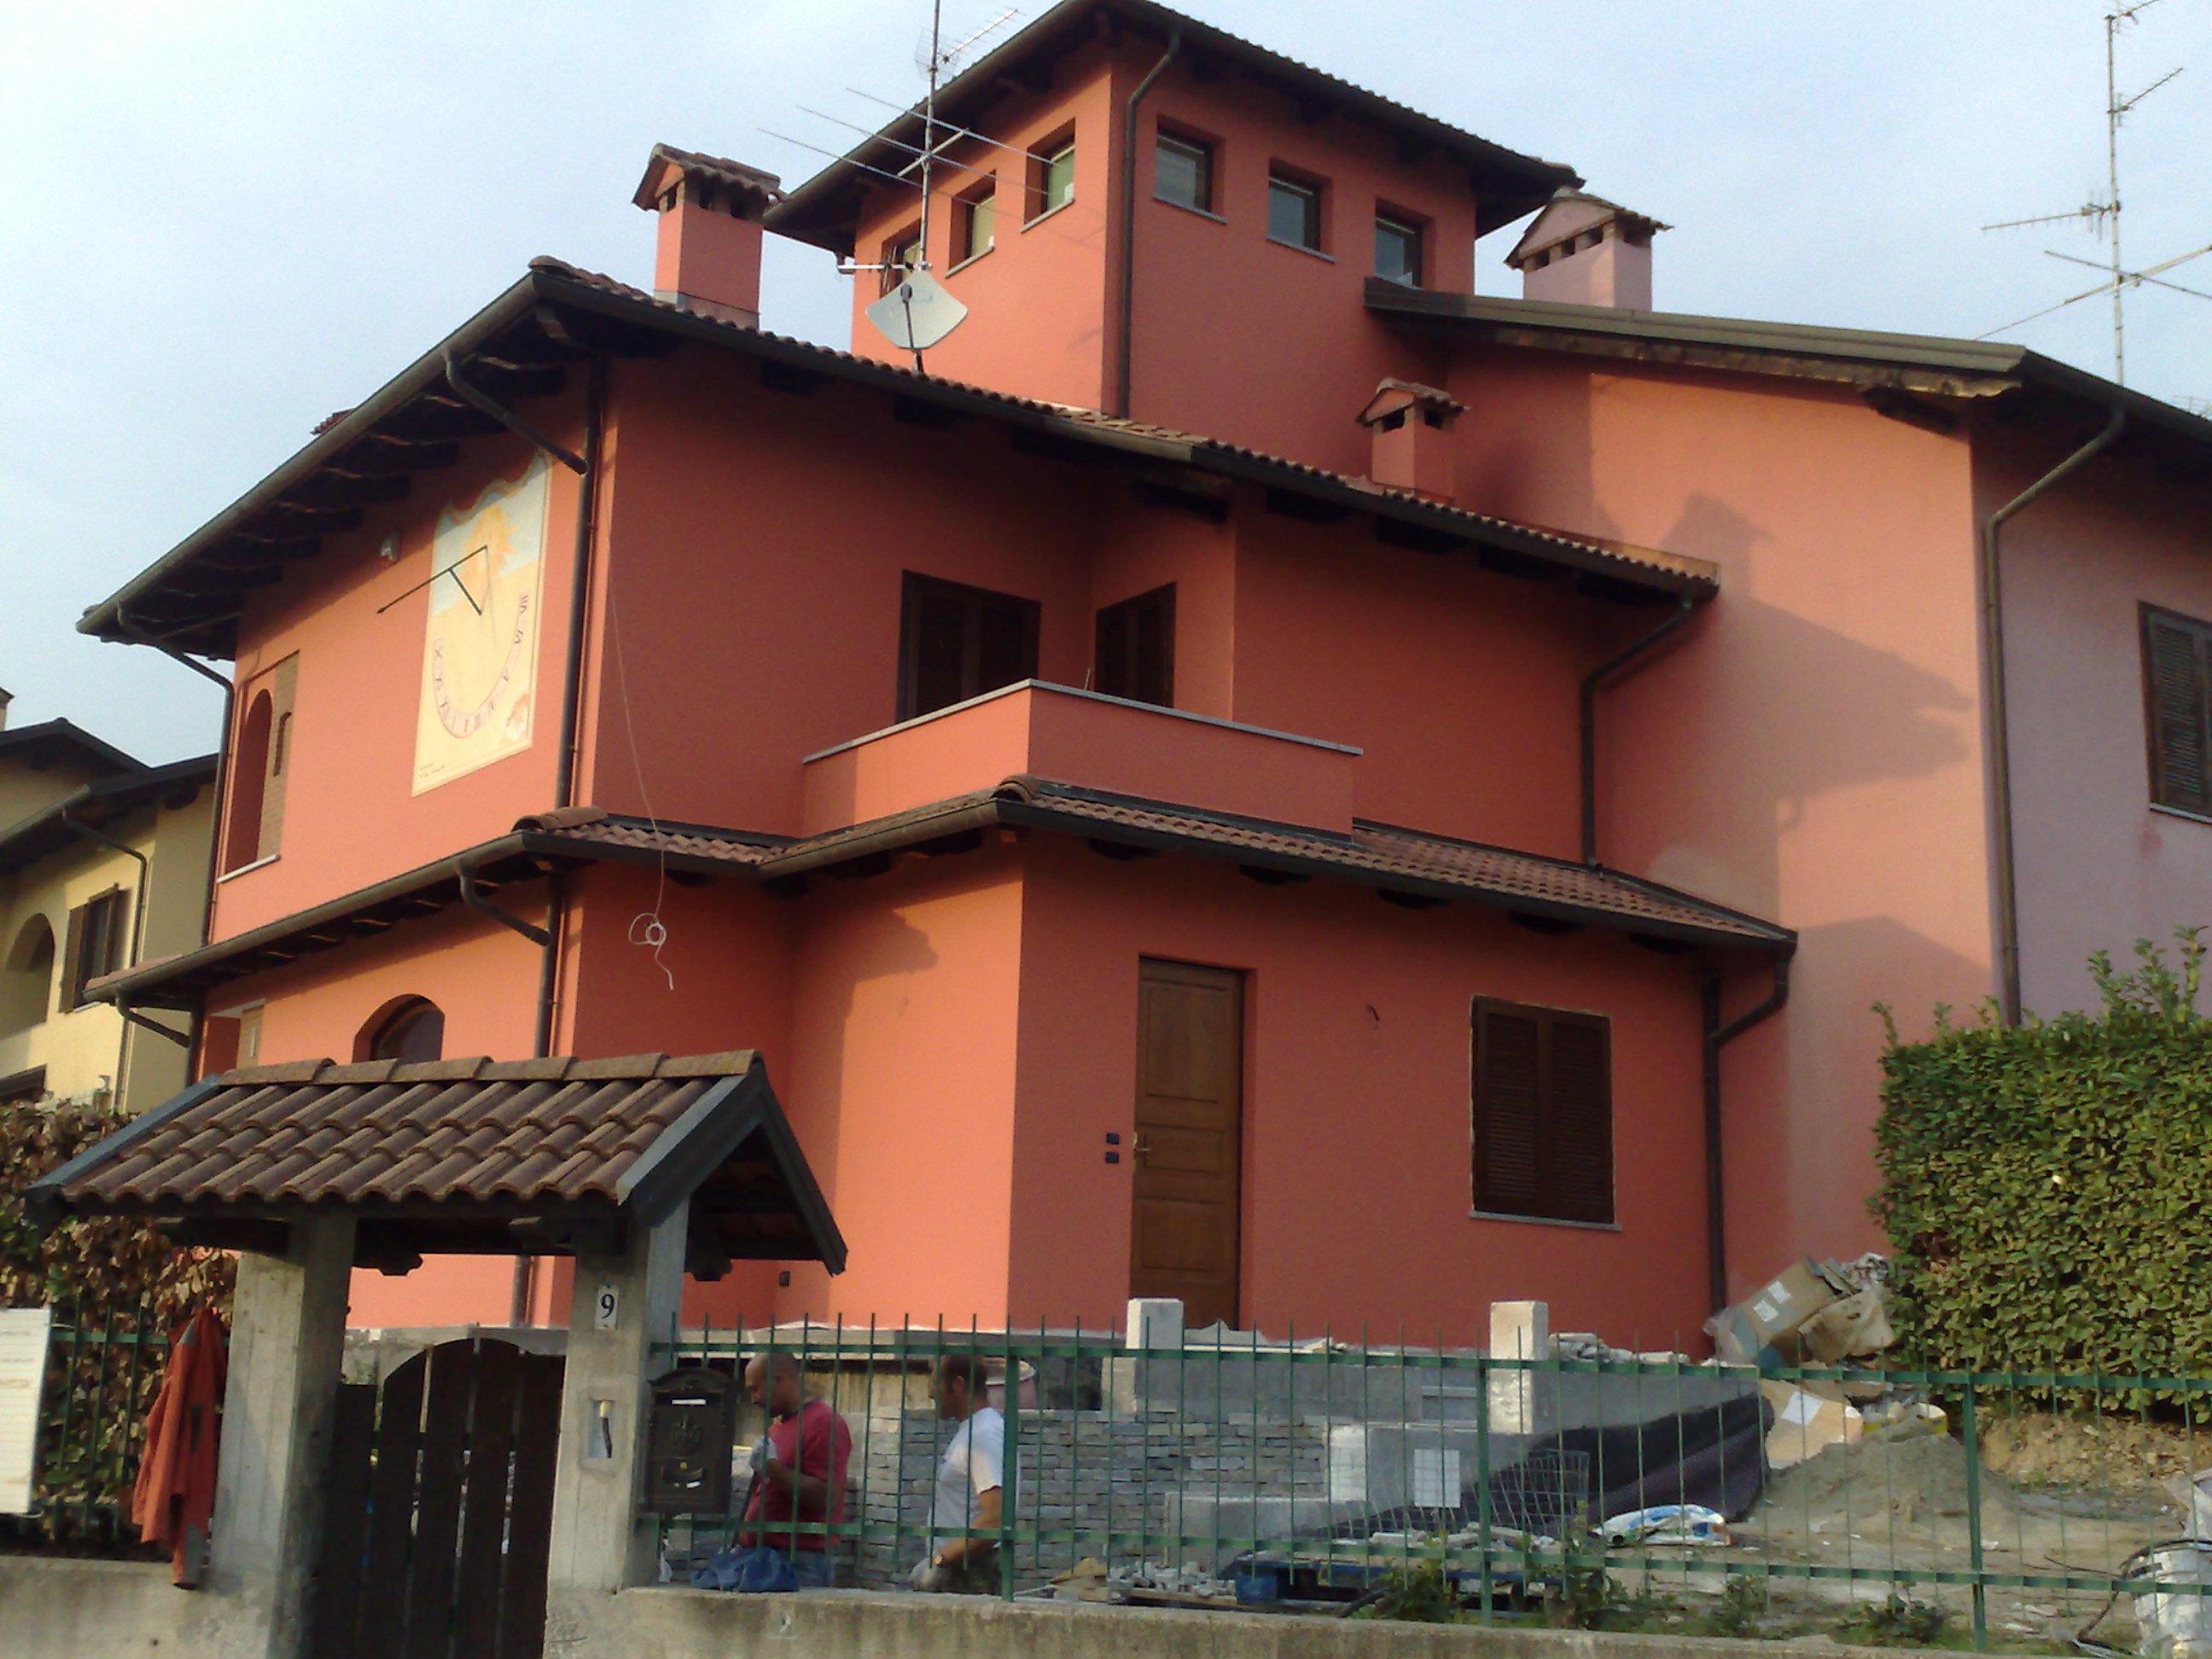 Trendy colori per pareti esterne casa meridiane gli - Esterno casa colore ...